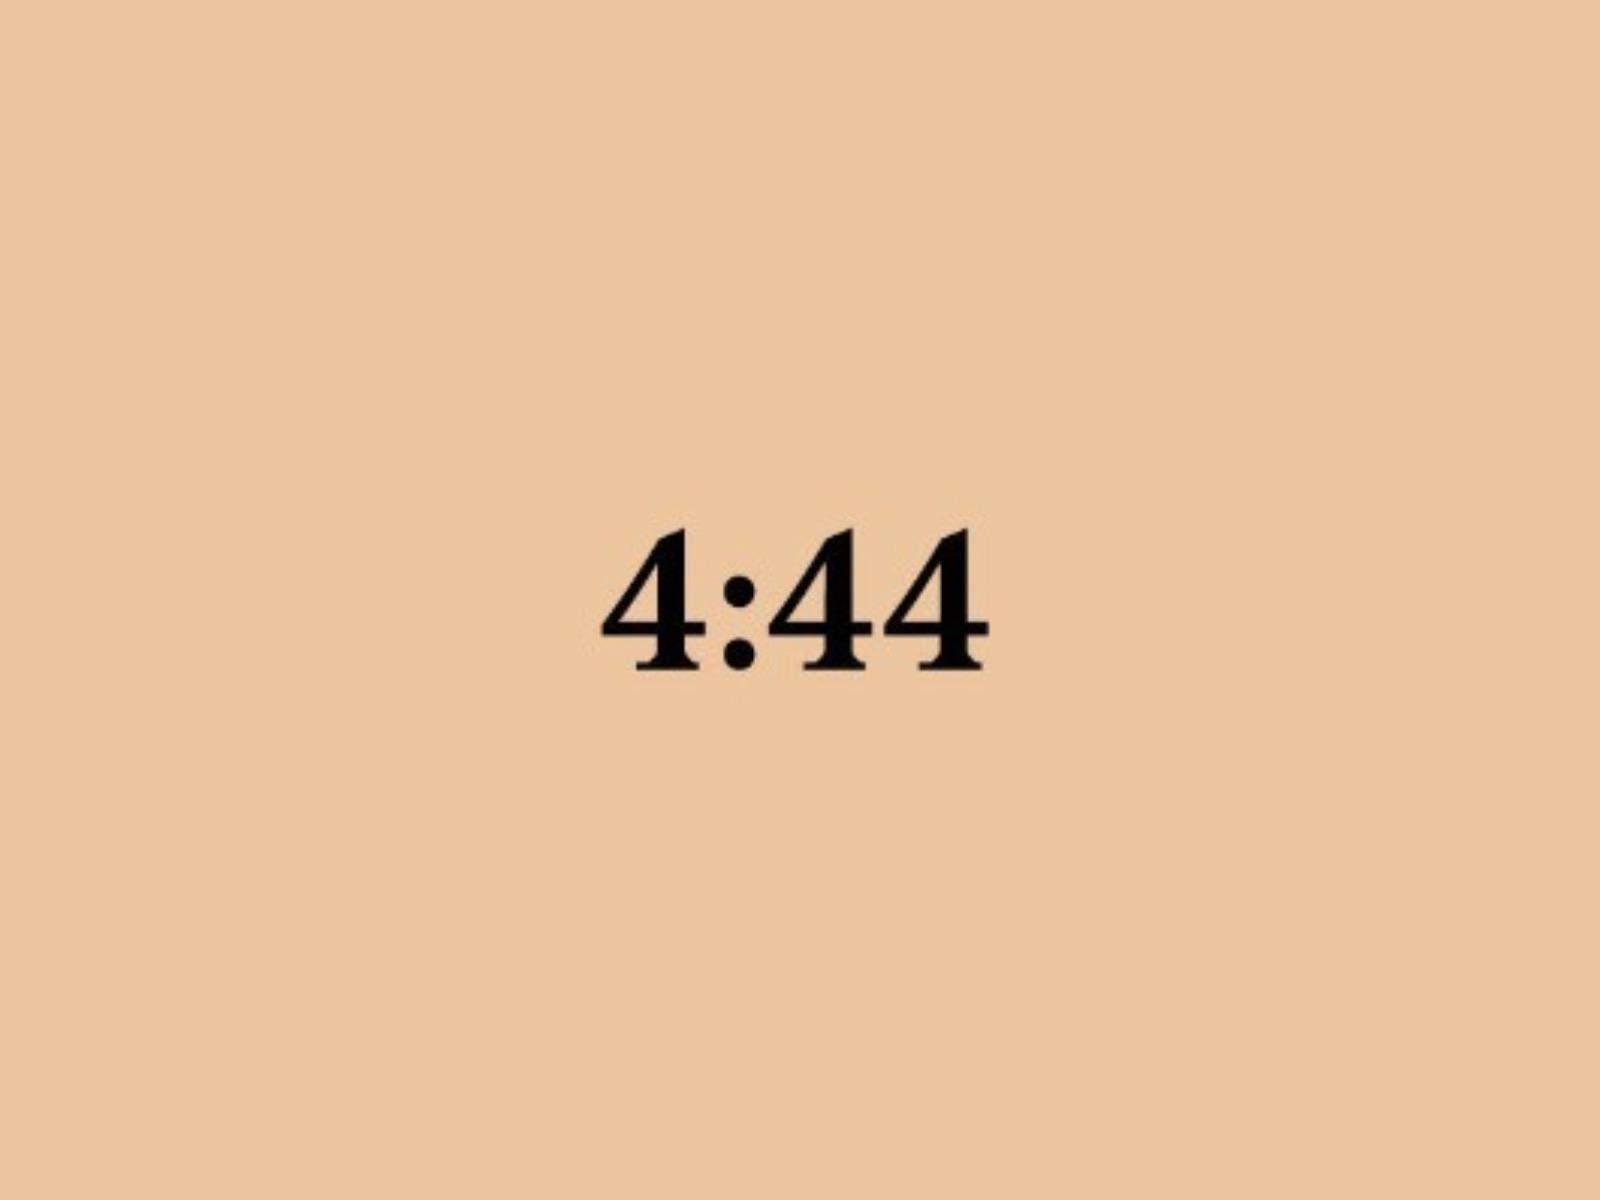 【速報】Jay-Zの4:44がApple MusicとiTunesに登場!!ストリーミングとレビューはこちら